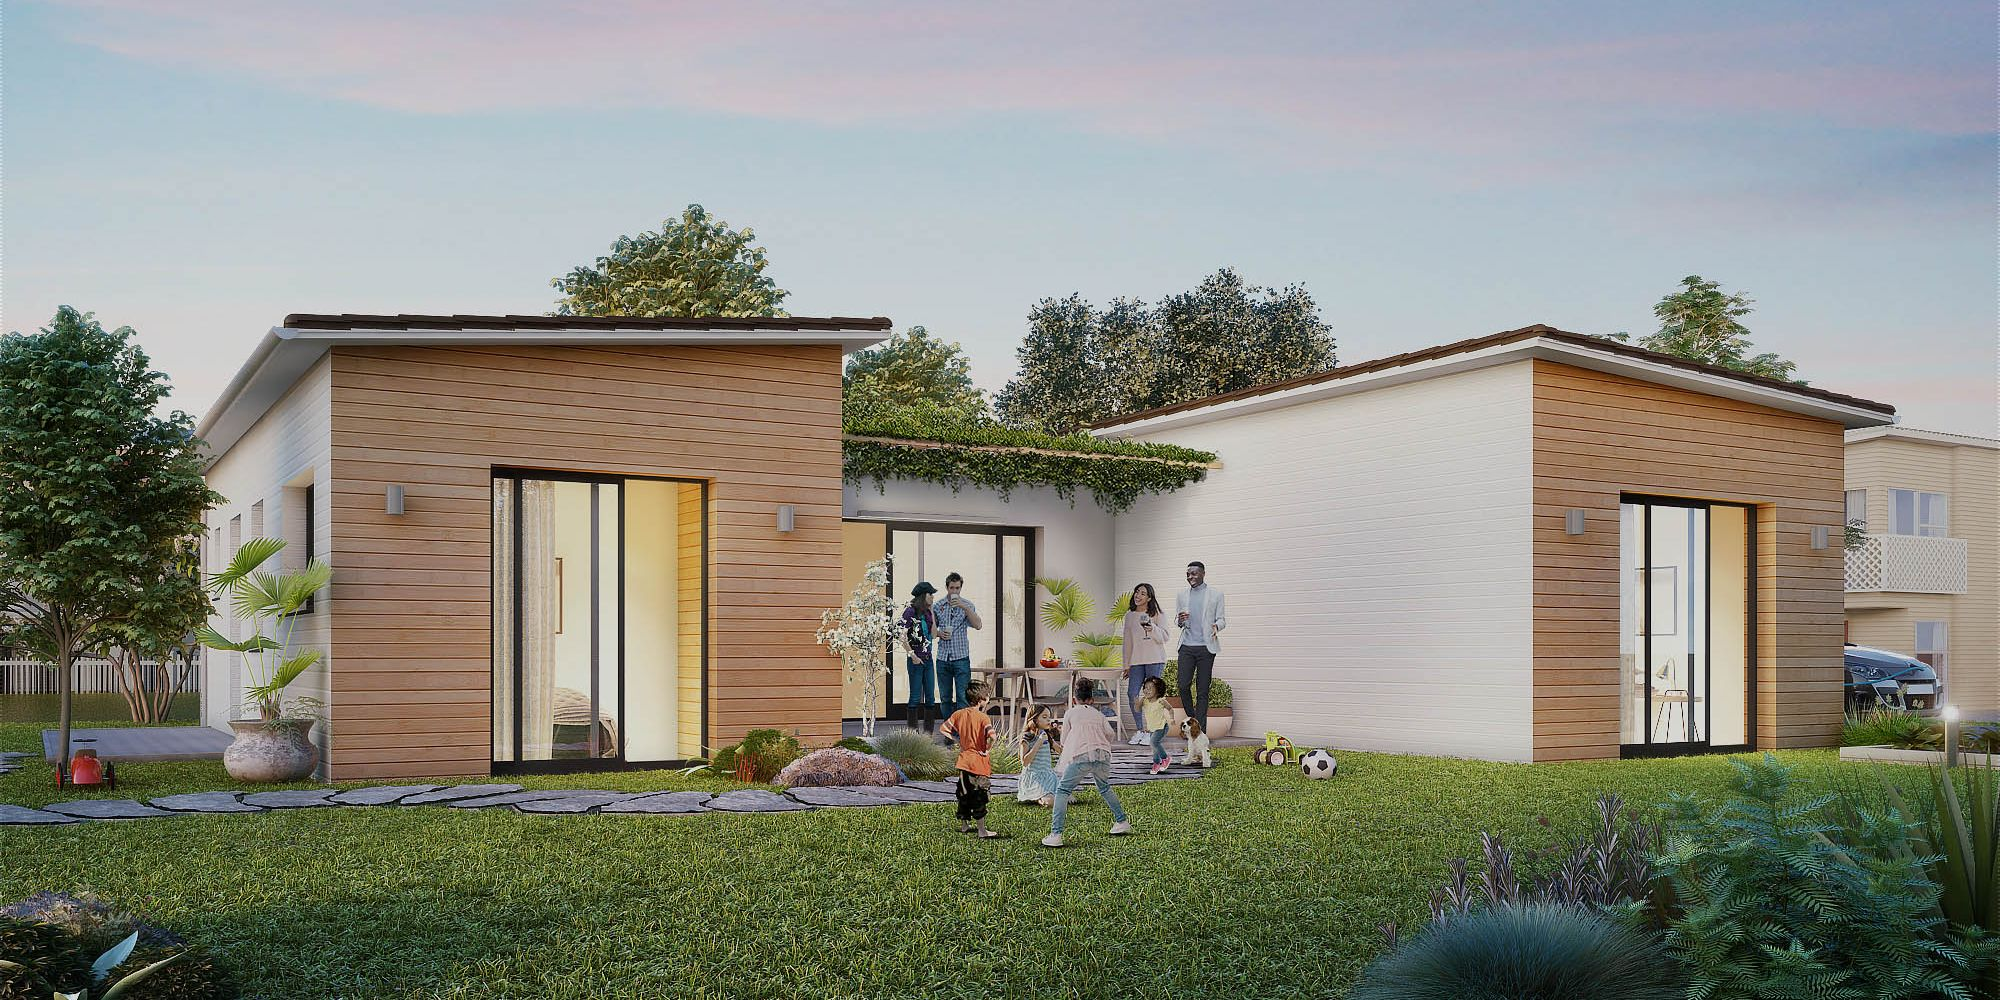 Constructeur De Maison Gers ami bois | constructeur de maisons en bois